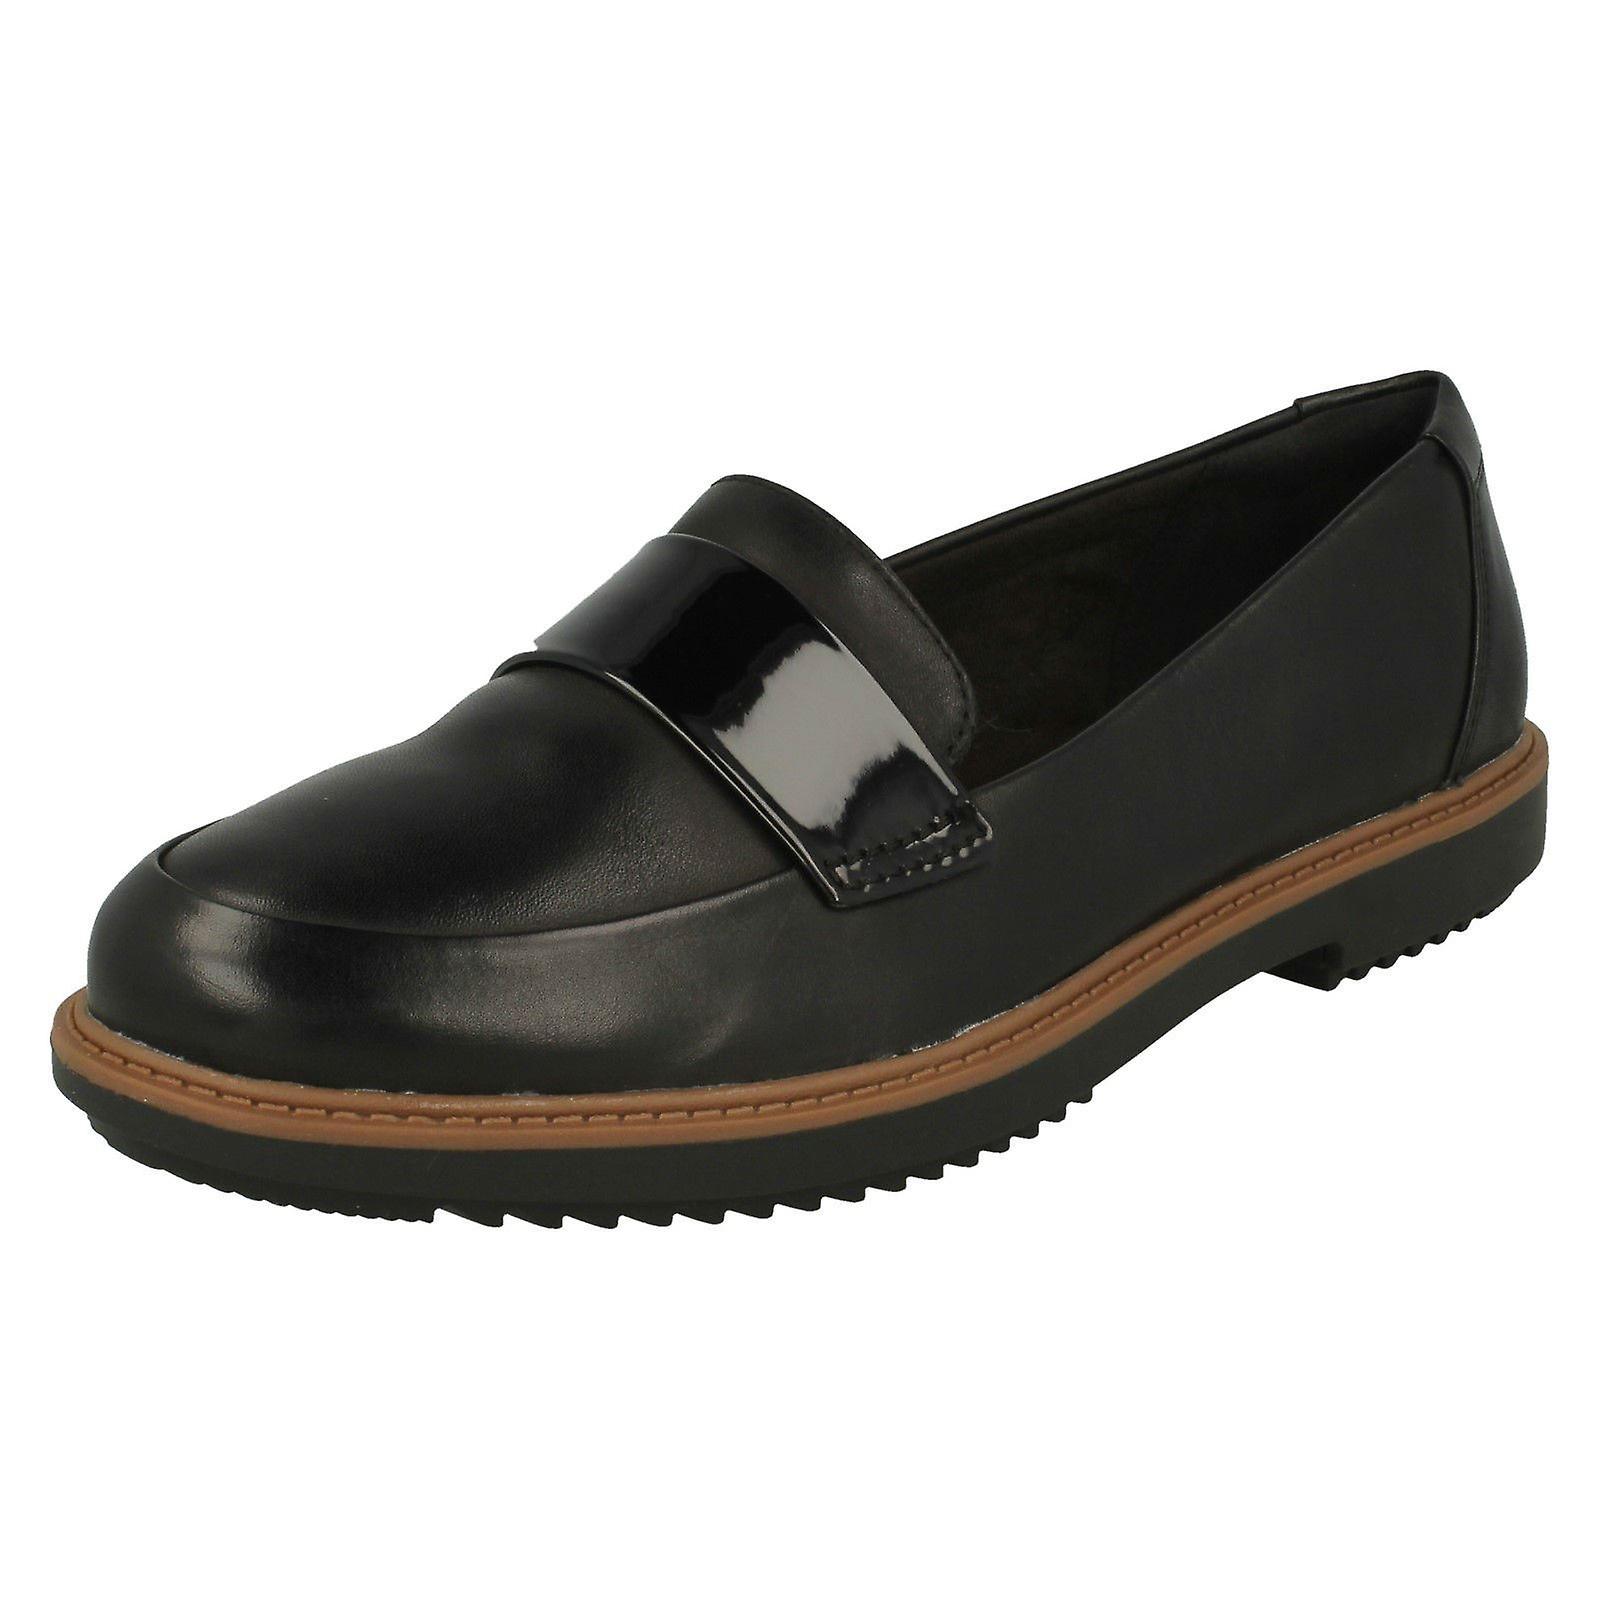 Clarks damskie płaskie nierób stylu buty Raisie Arlie iOUFM